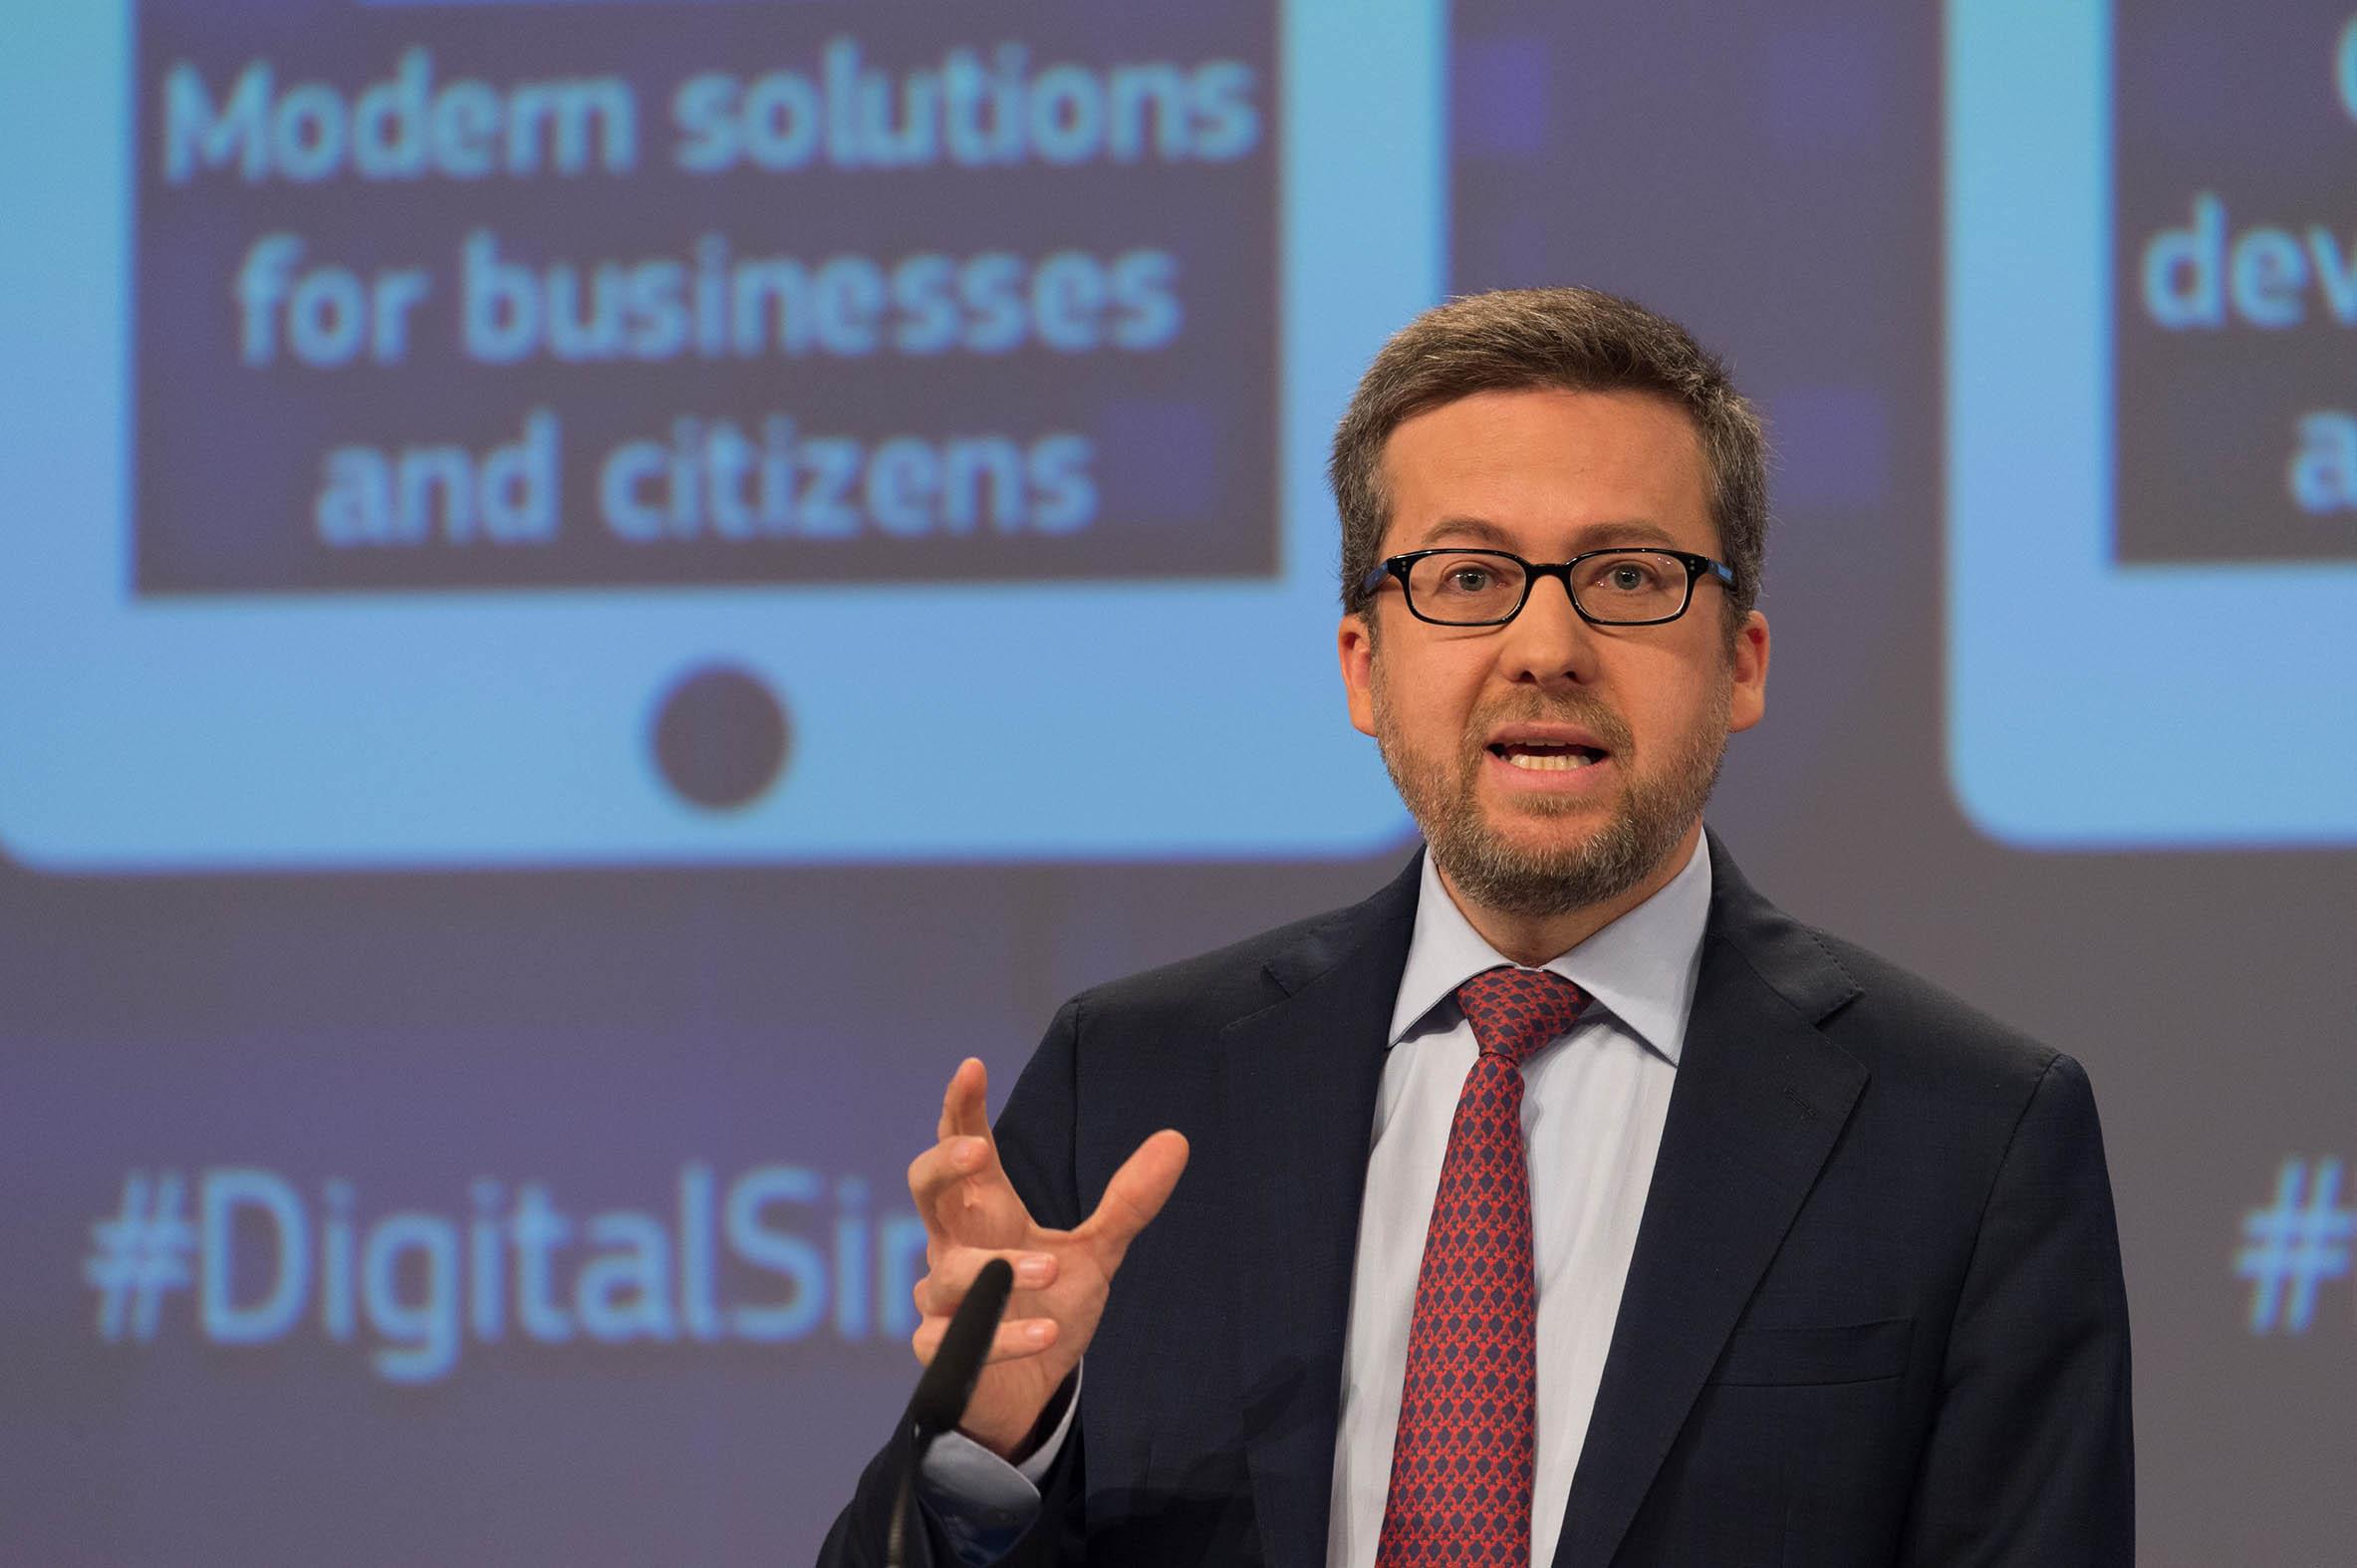 El comissari actualment està treballant en la creació del Consell Europeu d'Innovació, on espera donar suport als millors innovadors per donar a conèixer el seu potencial, avançar en la creació de mercats favorables i generar un major impacte en inversió i R+D.